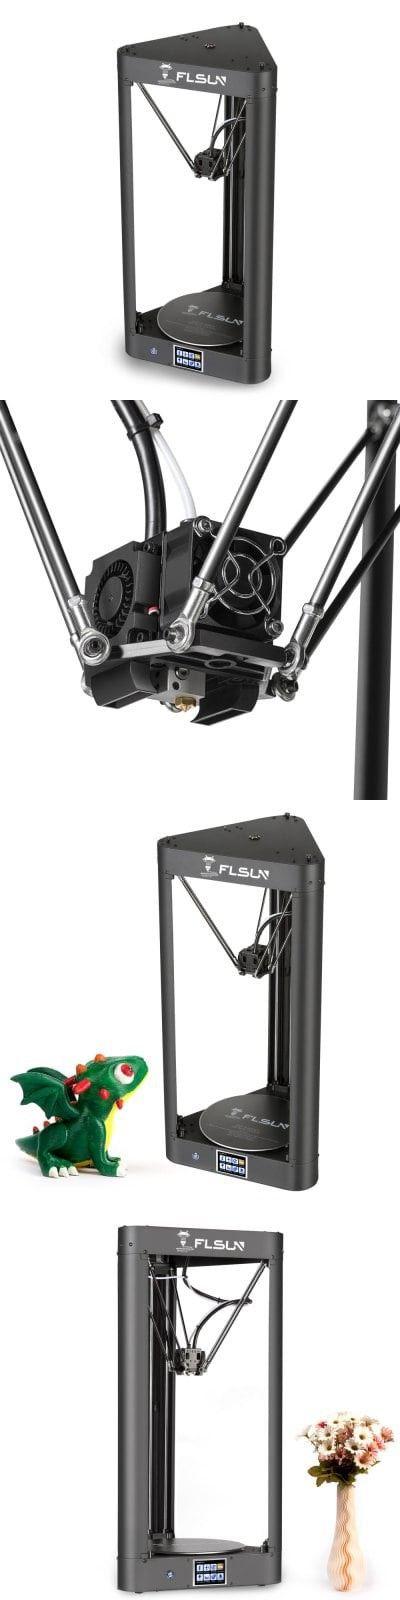 FLSUN QQ Wi-Fi Remote Control DIY 3D Printer Kit UK PLUG-$559.67